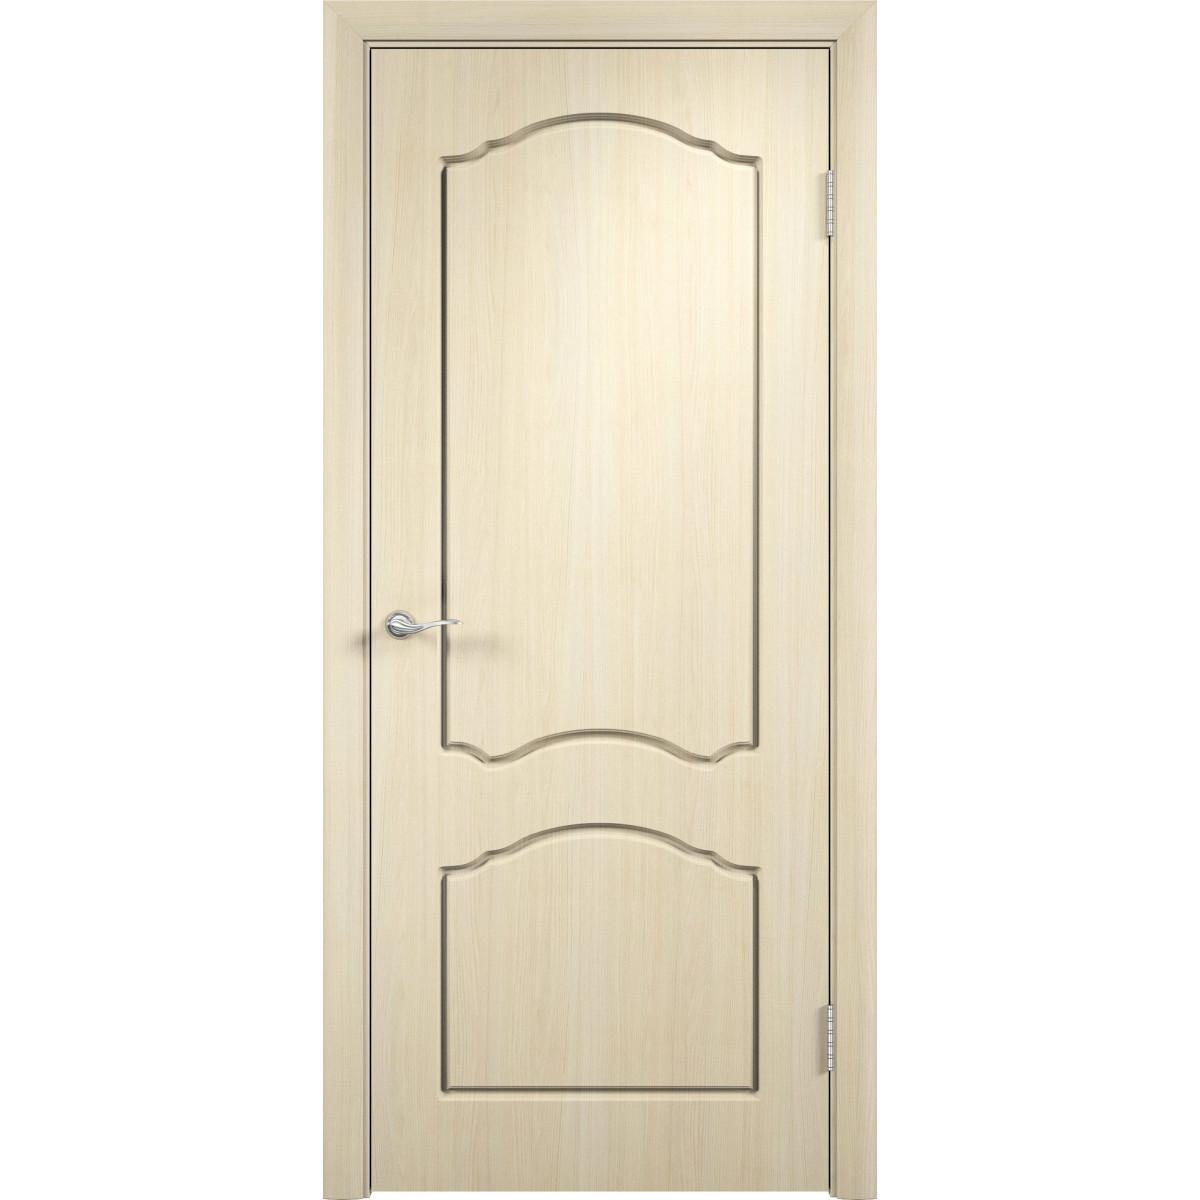 Дверное полотно Verda Лидия МП_0449 2000х600х40 мм МДФ